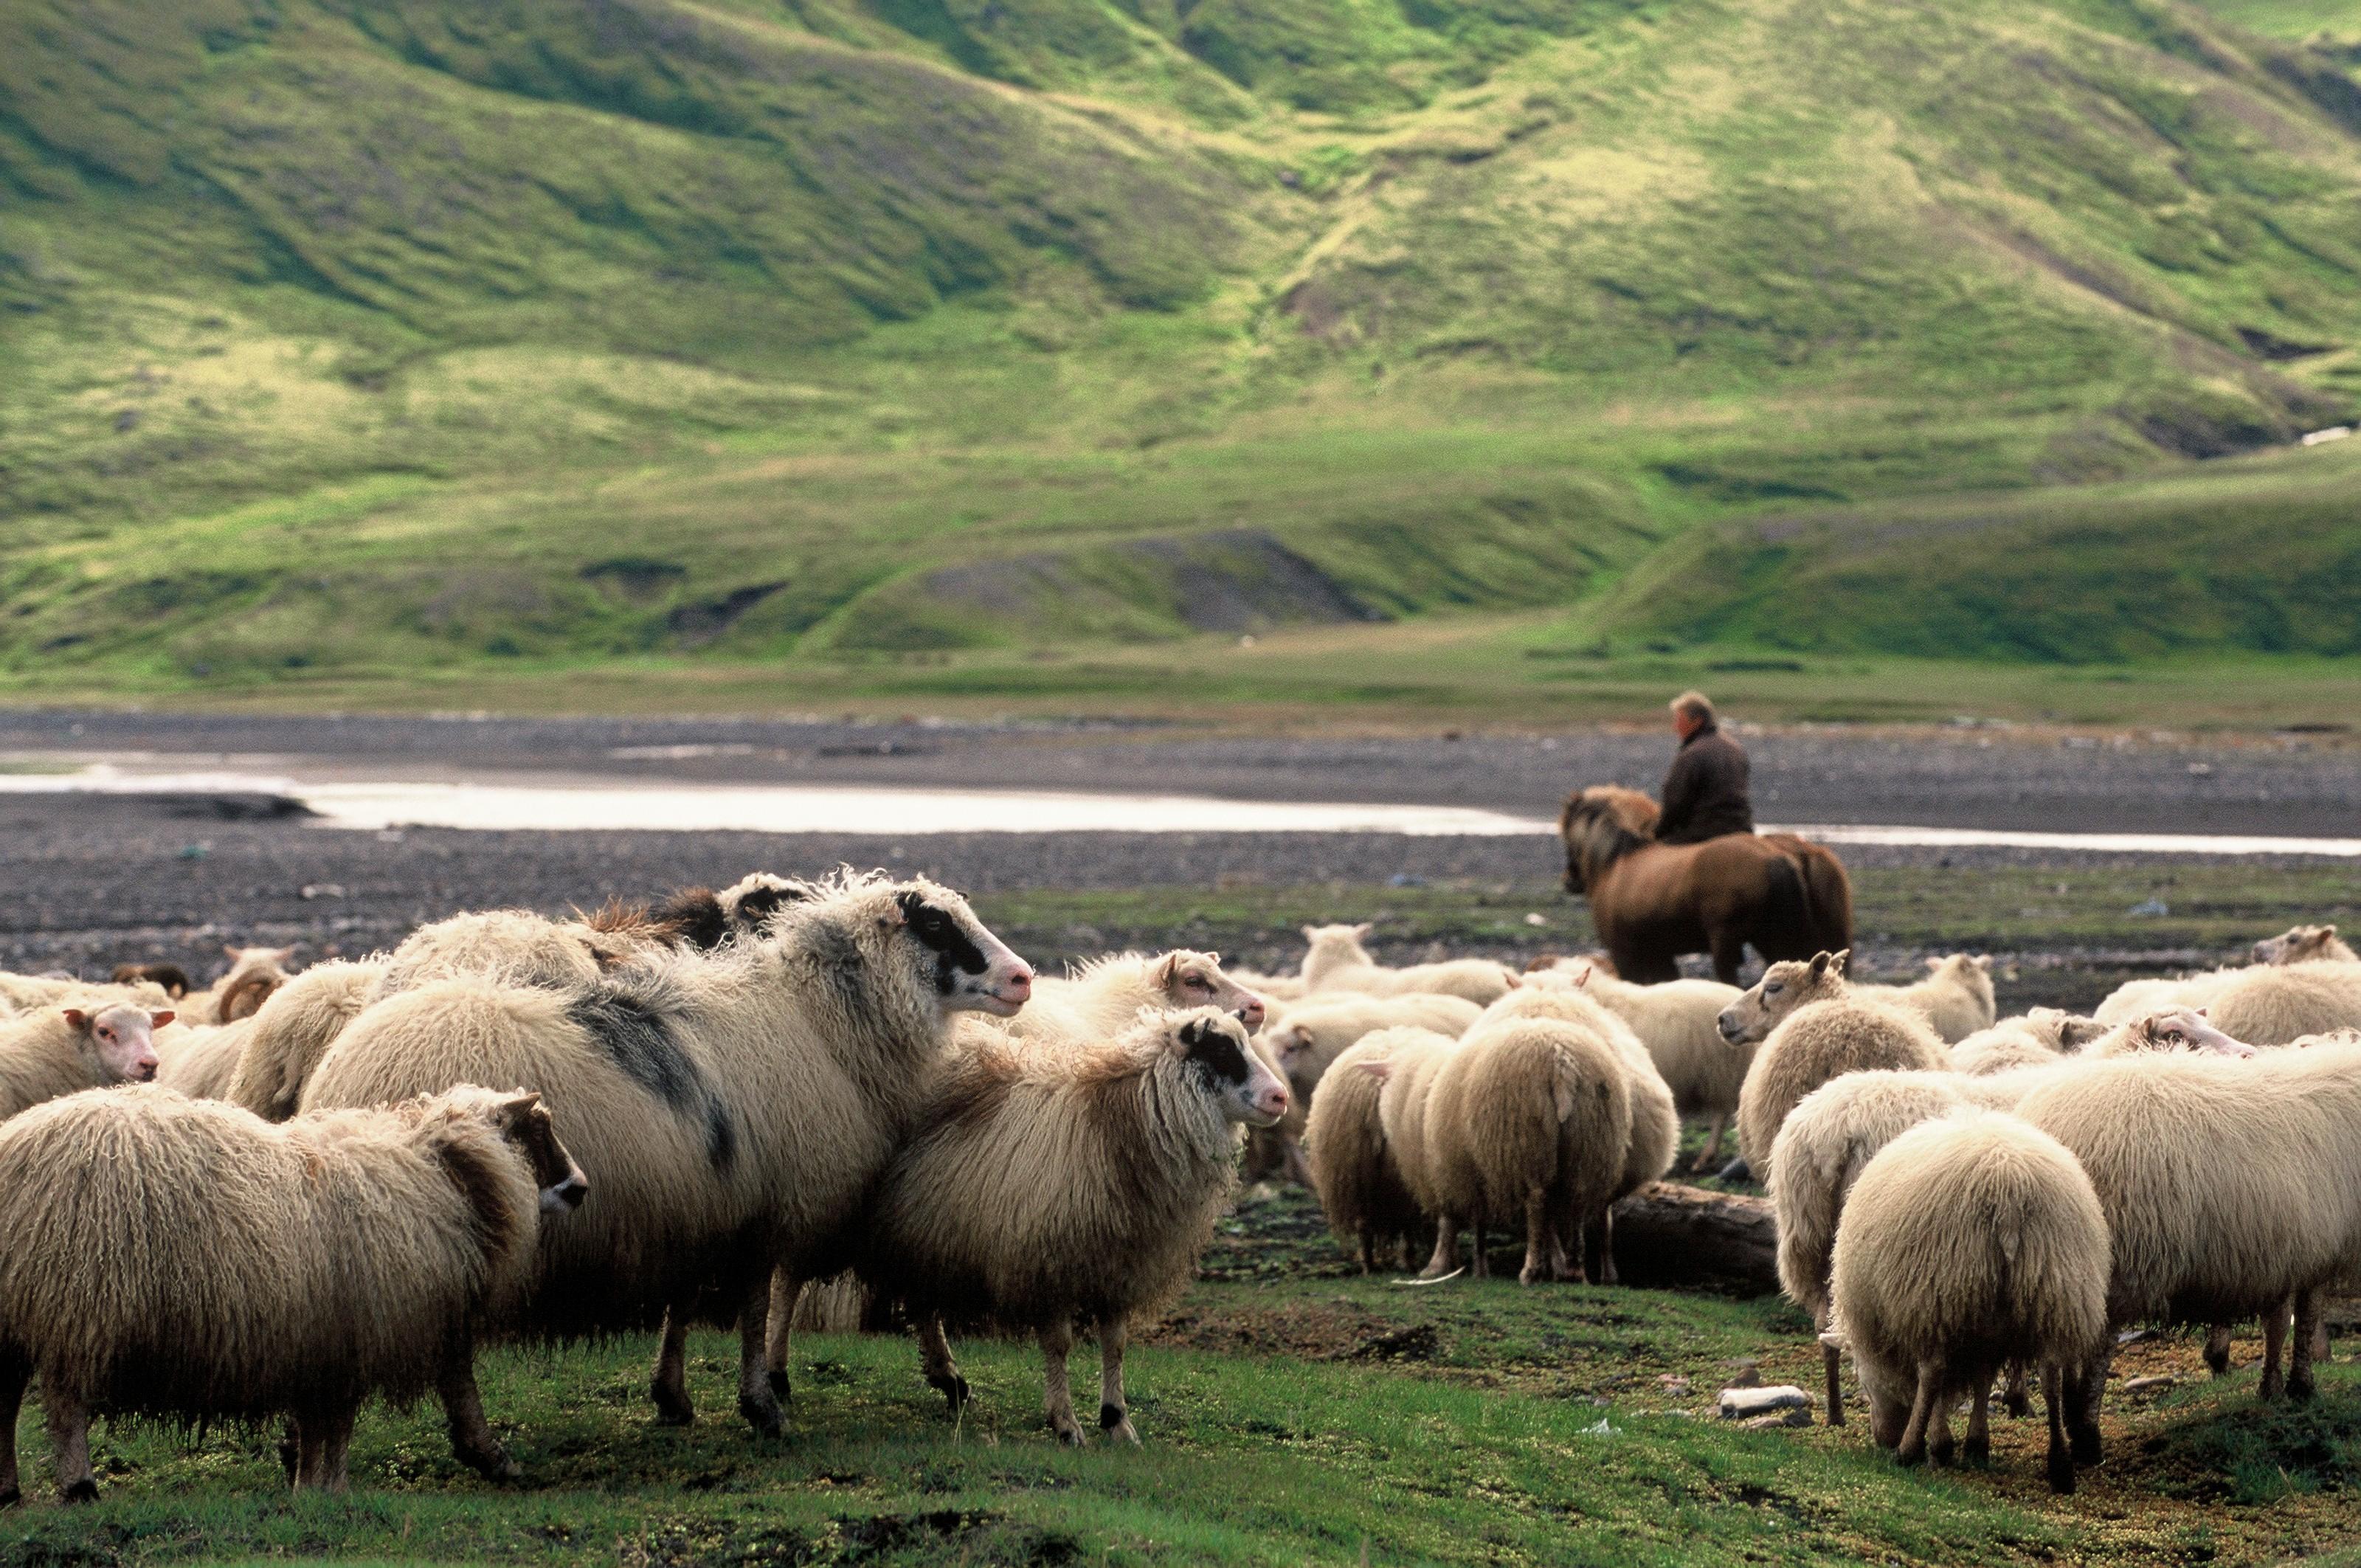 在冰岛东峡湾Borgarfjörður Eystri小镇的当地农民正在为圈羊做准备